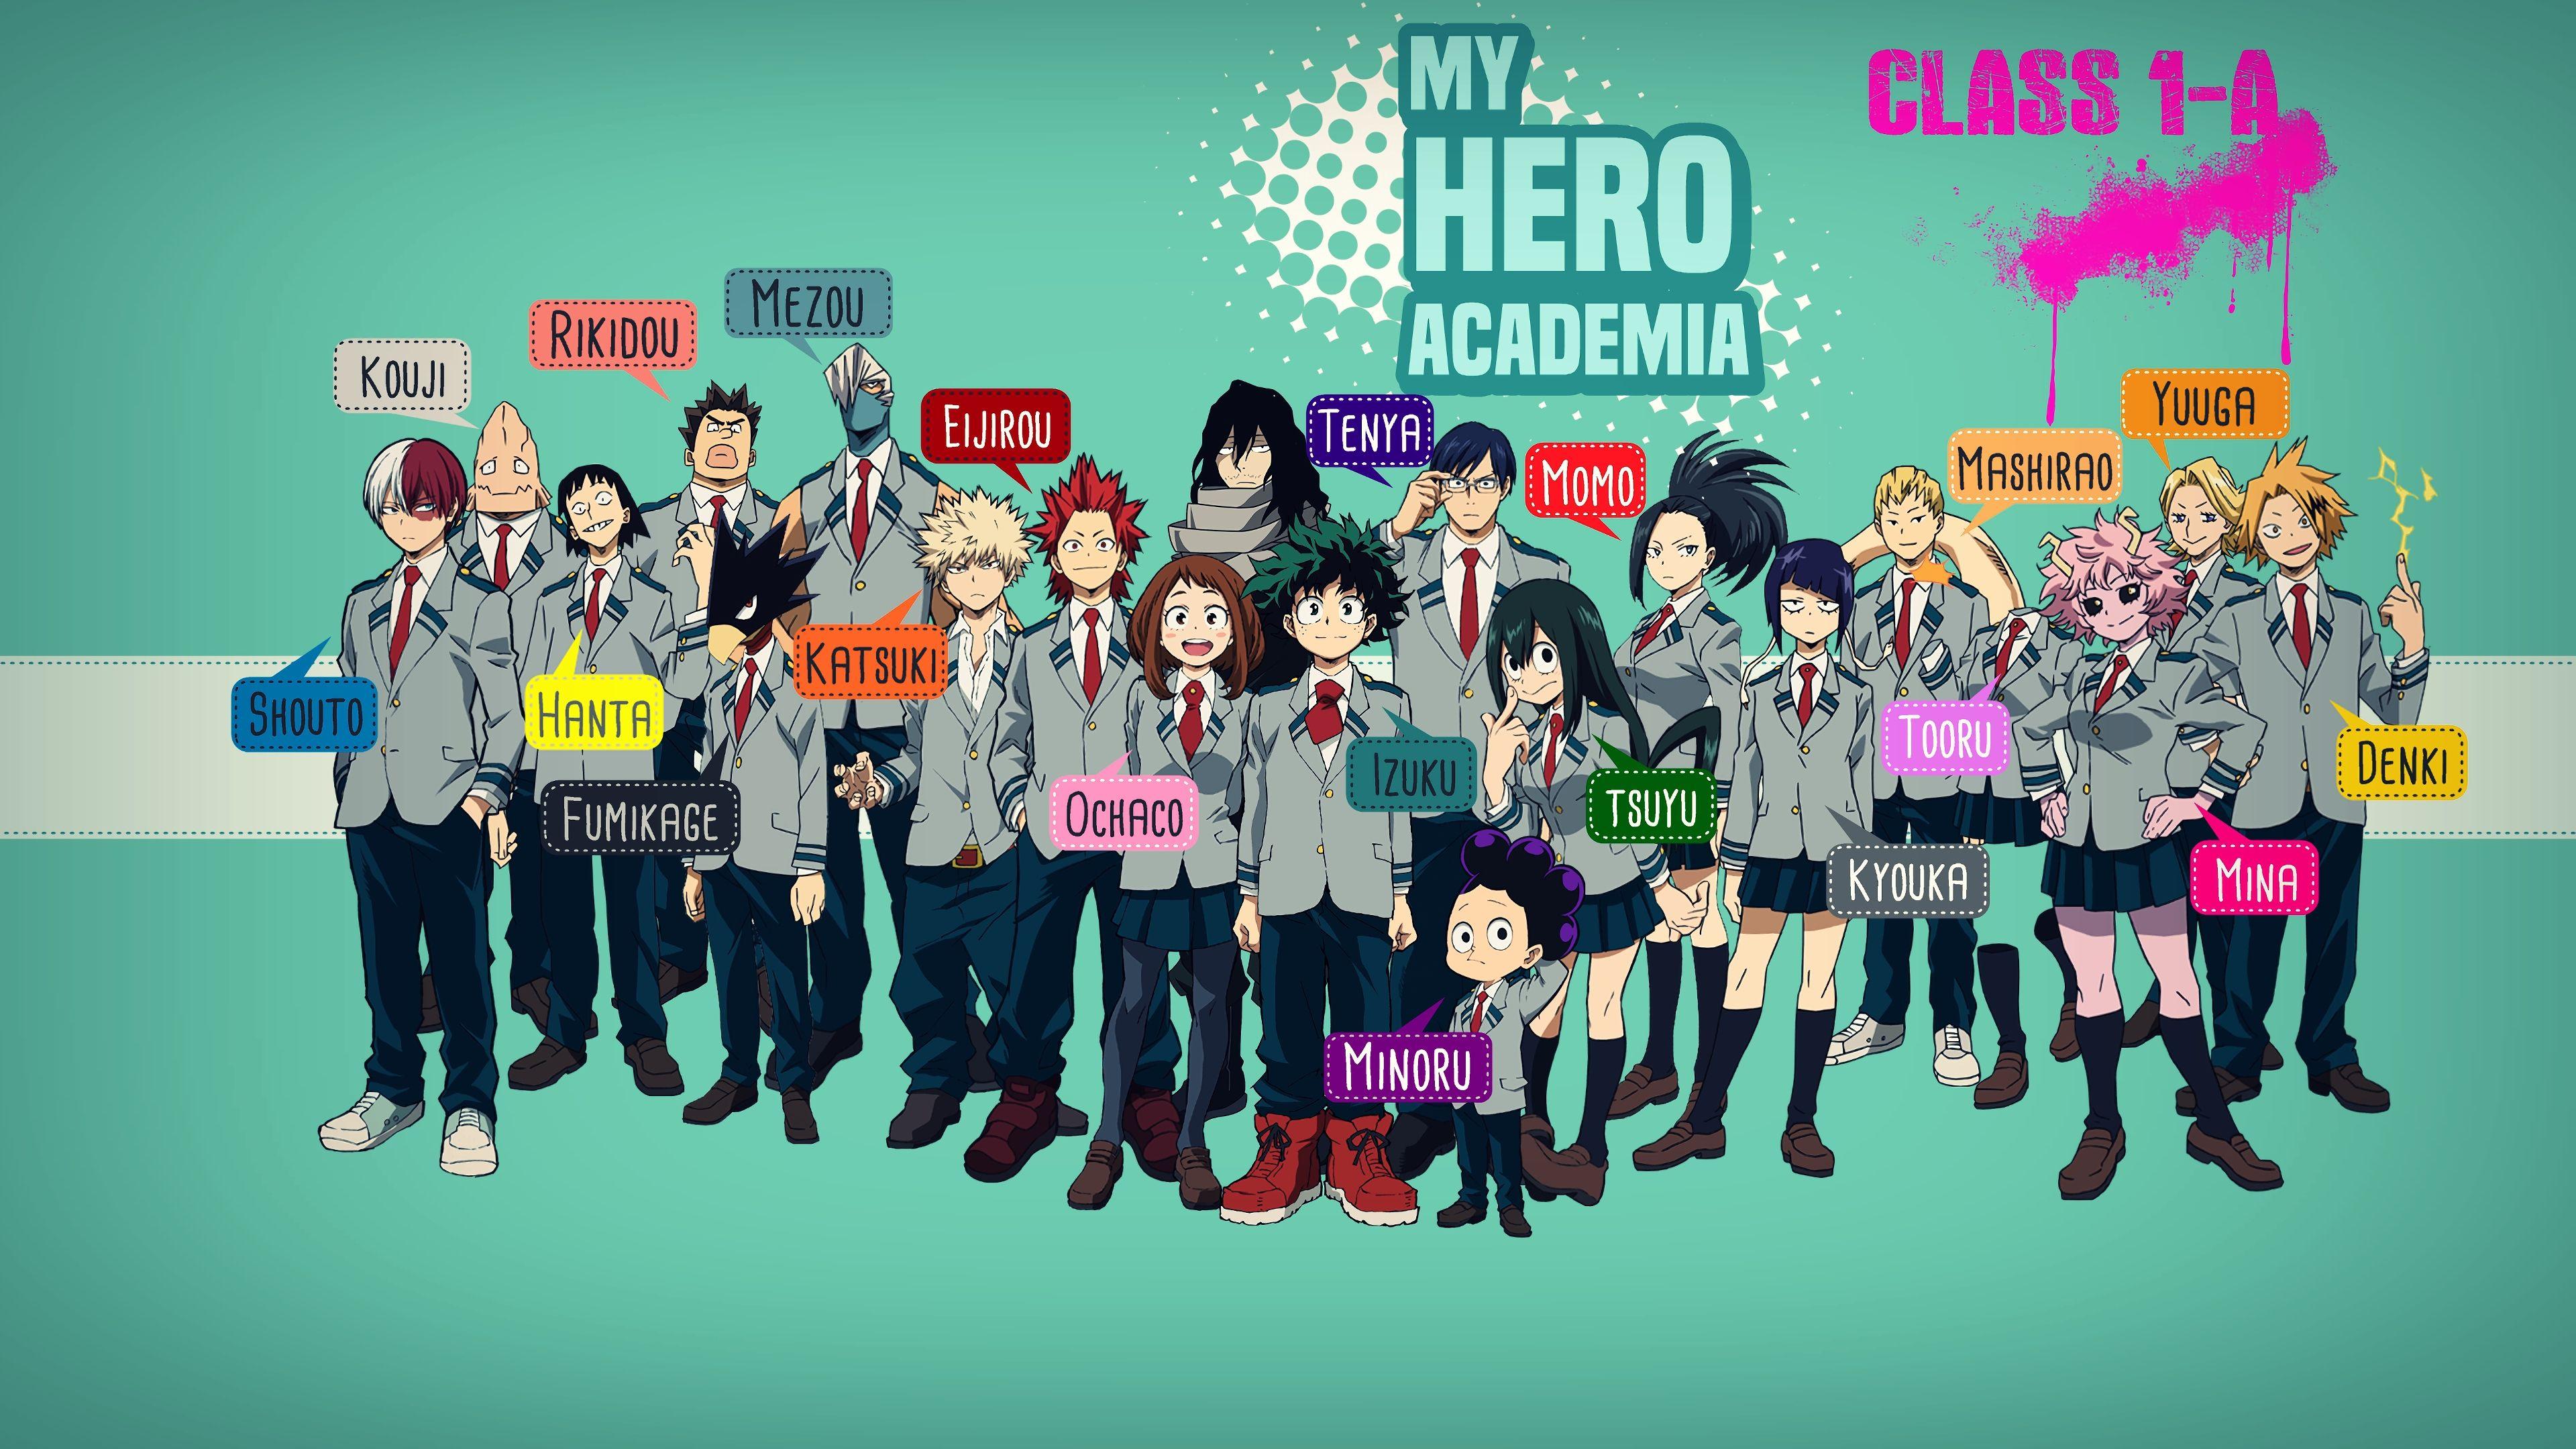 My Hero Academia Boku No Hero Academia Anime Ua Class 1 A